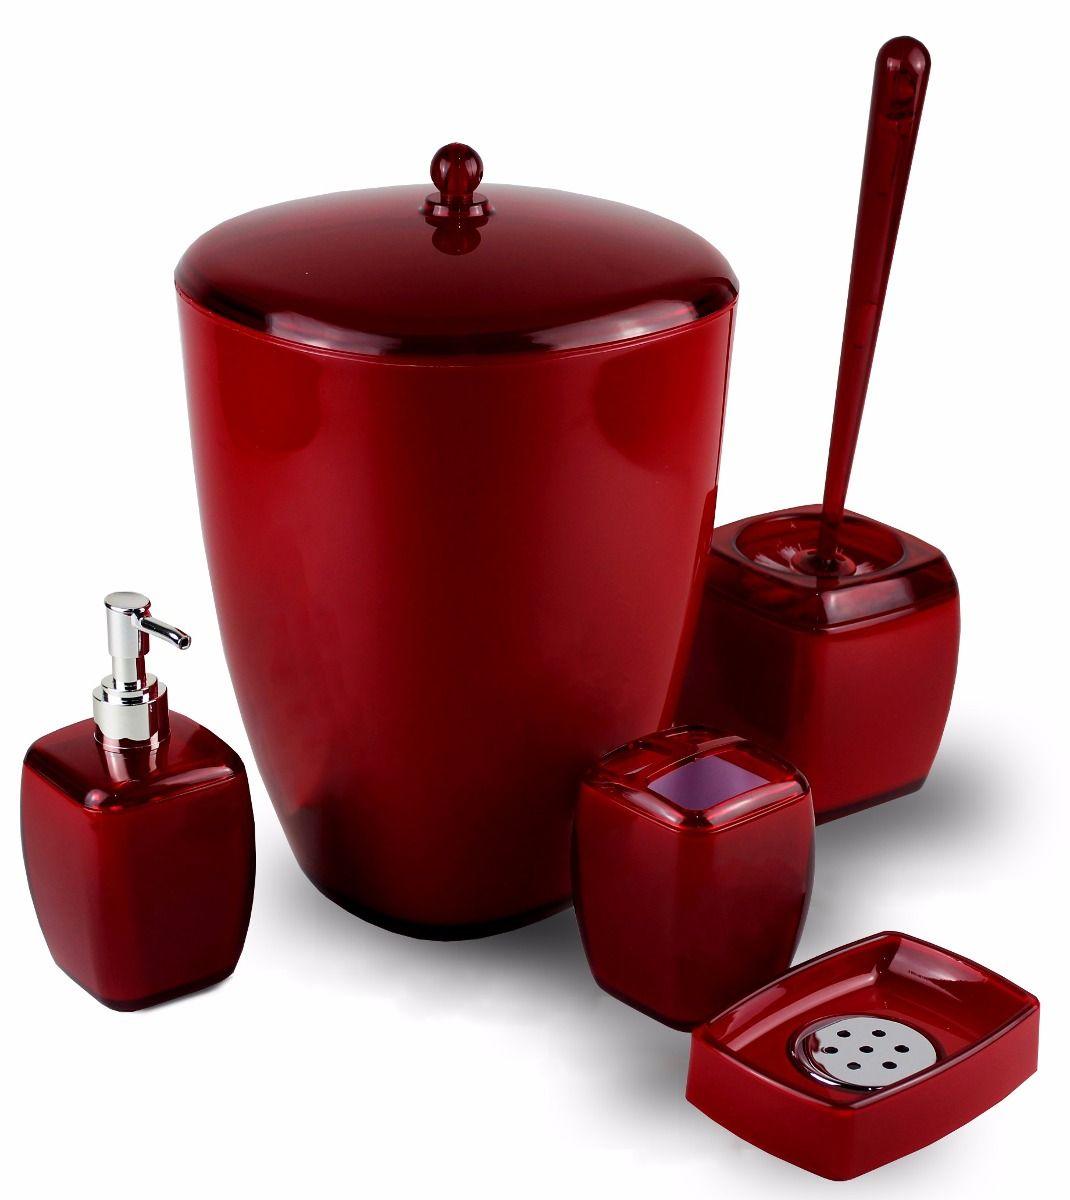 Acessórios De Banheiro Em Acrílico Decorativo 5 Peças Vermelho